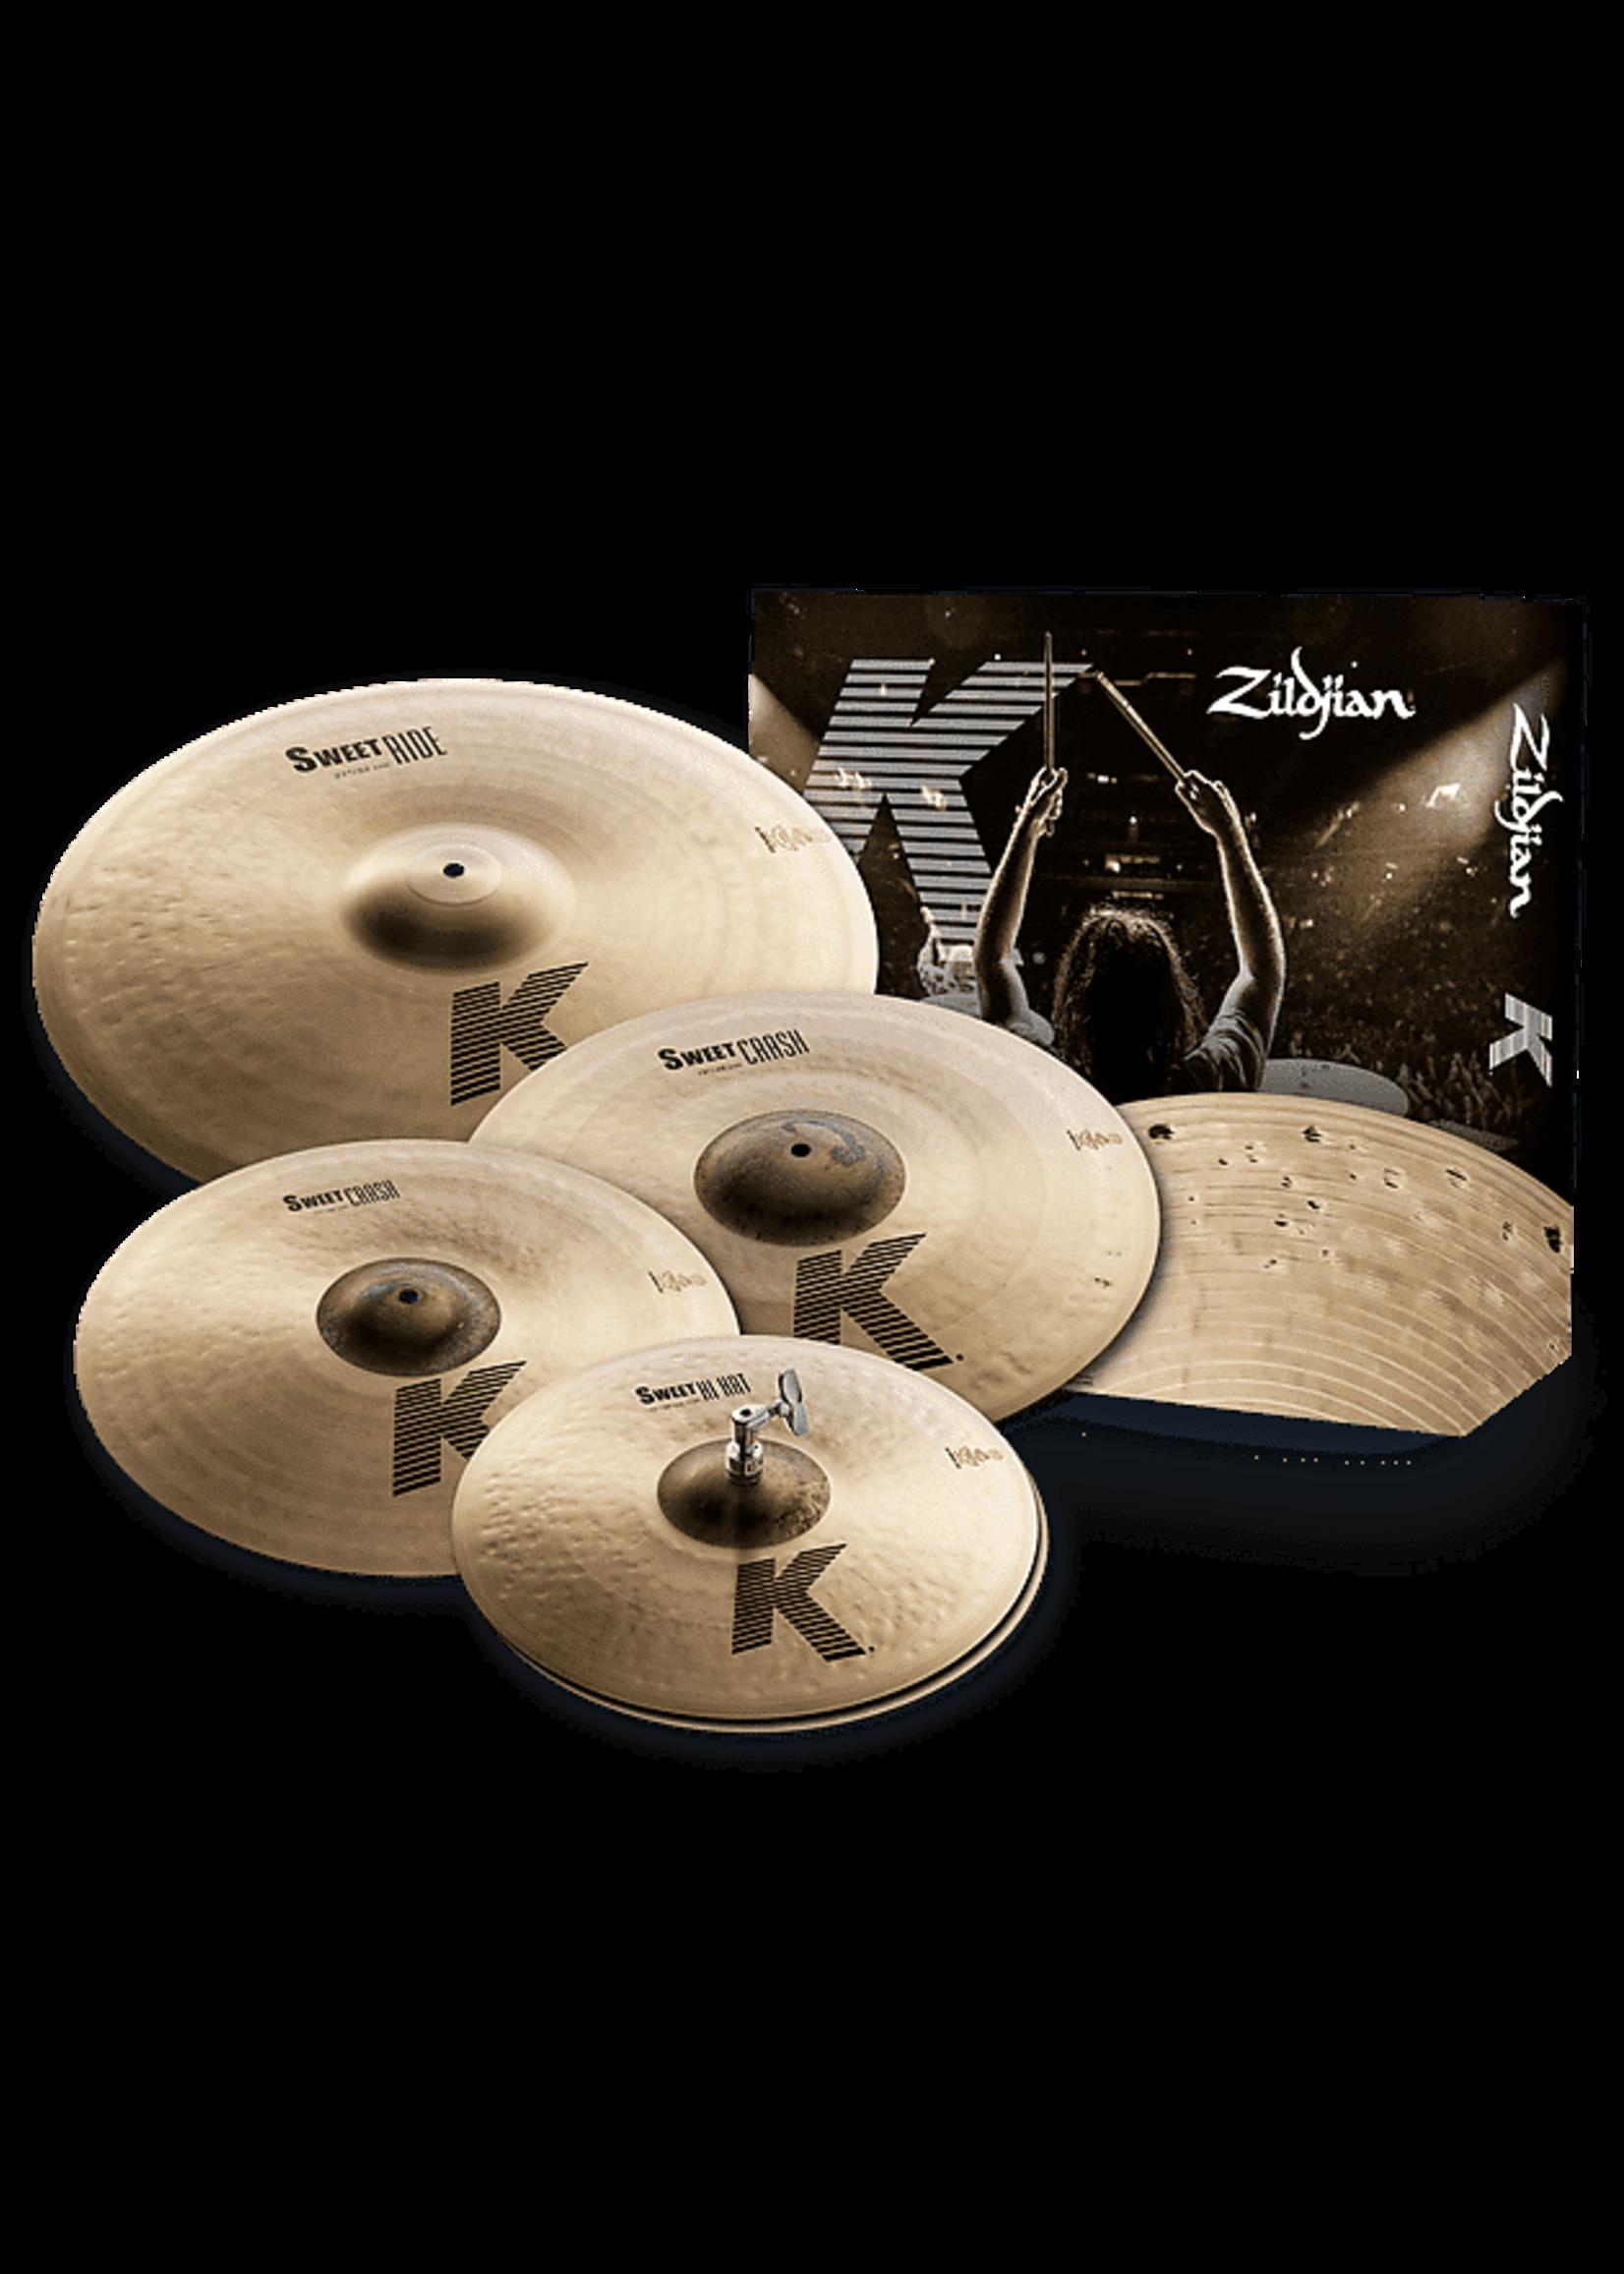 Zildjian Zildjian KS5791 K Sweet Cymbal Pack